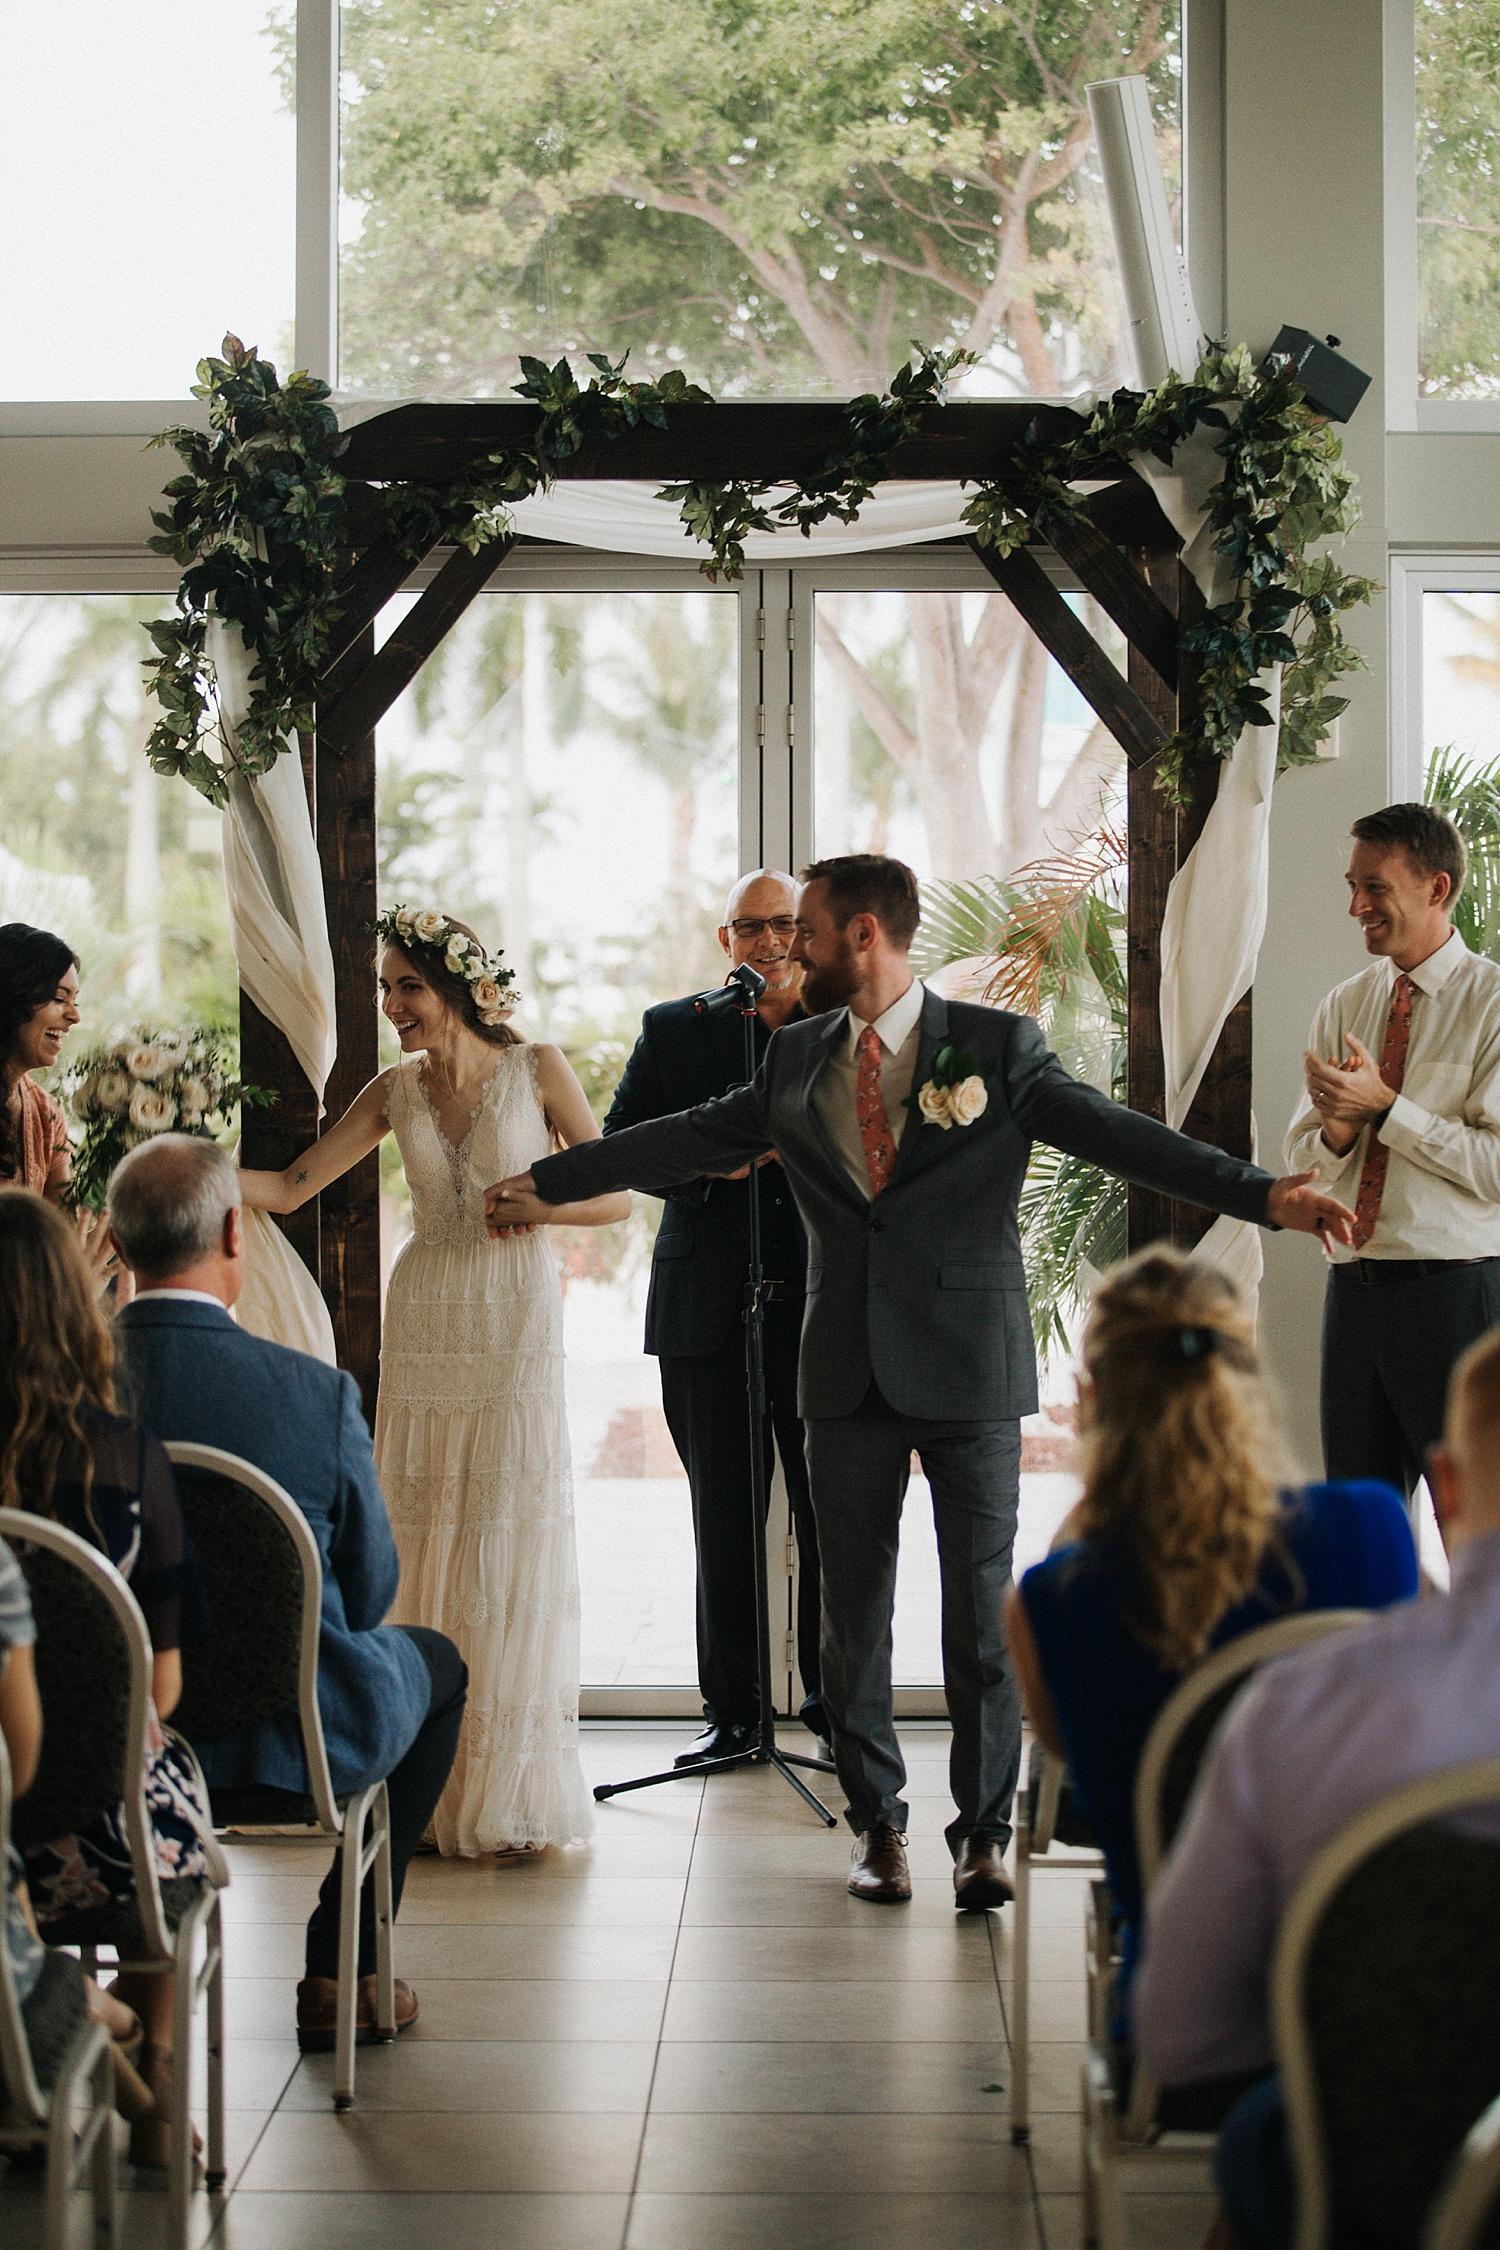 Peter + Kareena Rineer Downtown West Palm Beach December Wedding 2018_0045.jpg